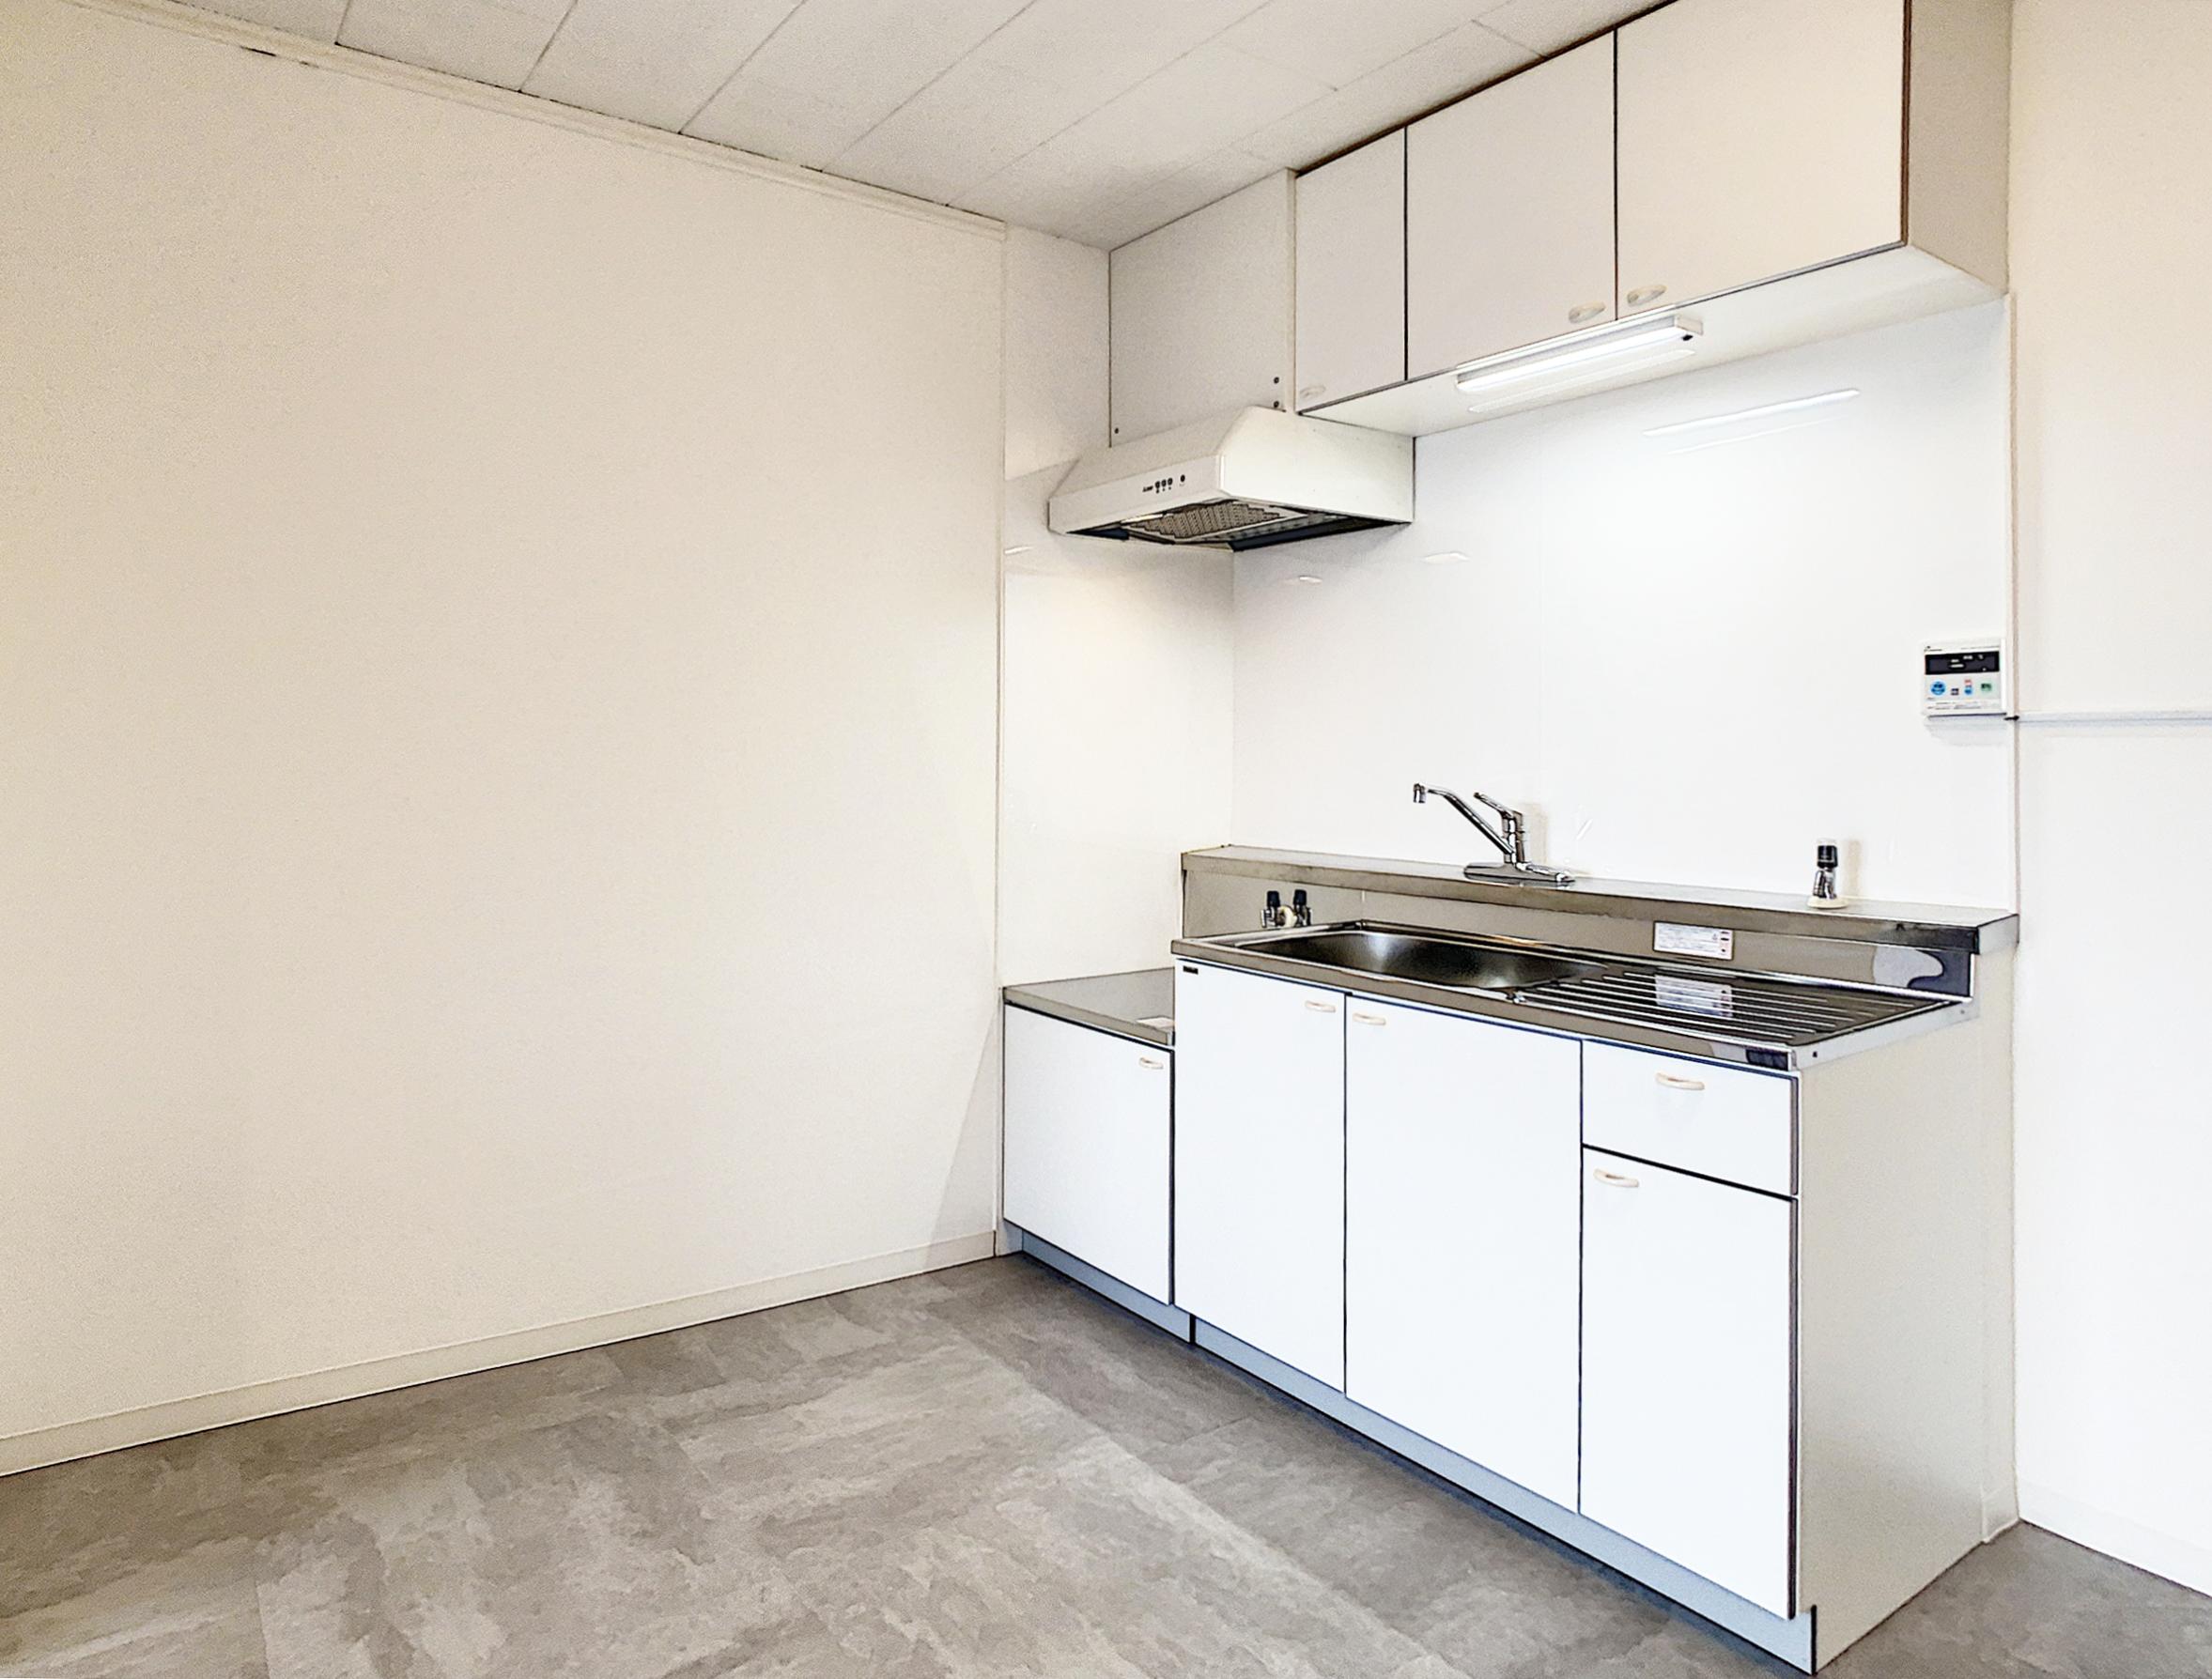 ホワイトで統一されたキッチンは新品です!